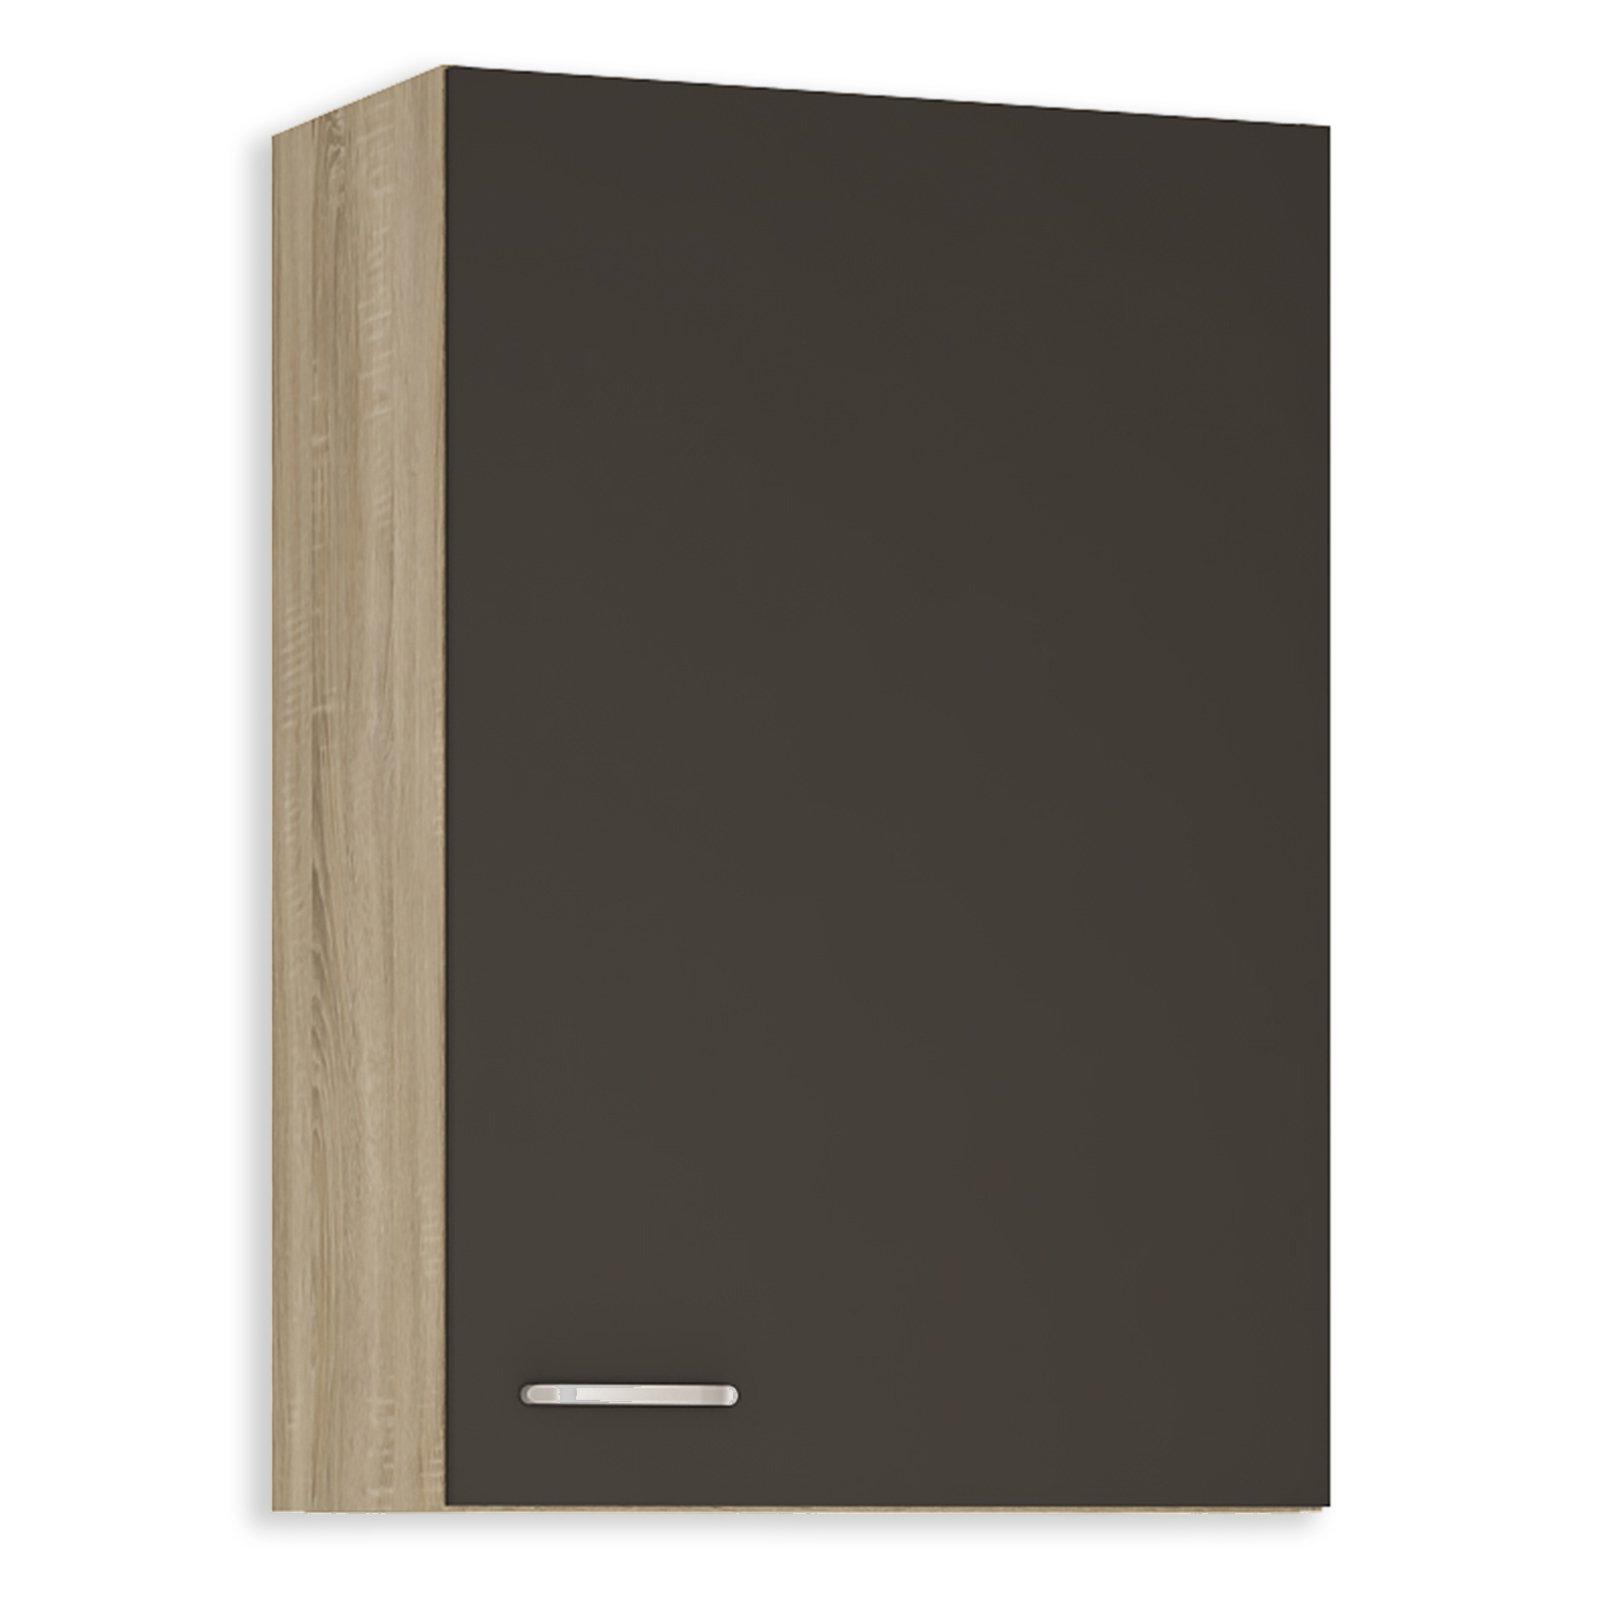 oberschrank fox anthrazit sonoma eiche 60 cm breit. Black Bedroom Furniture Sets. Home Design Ideas